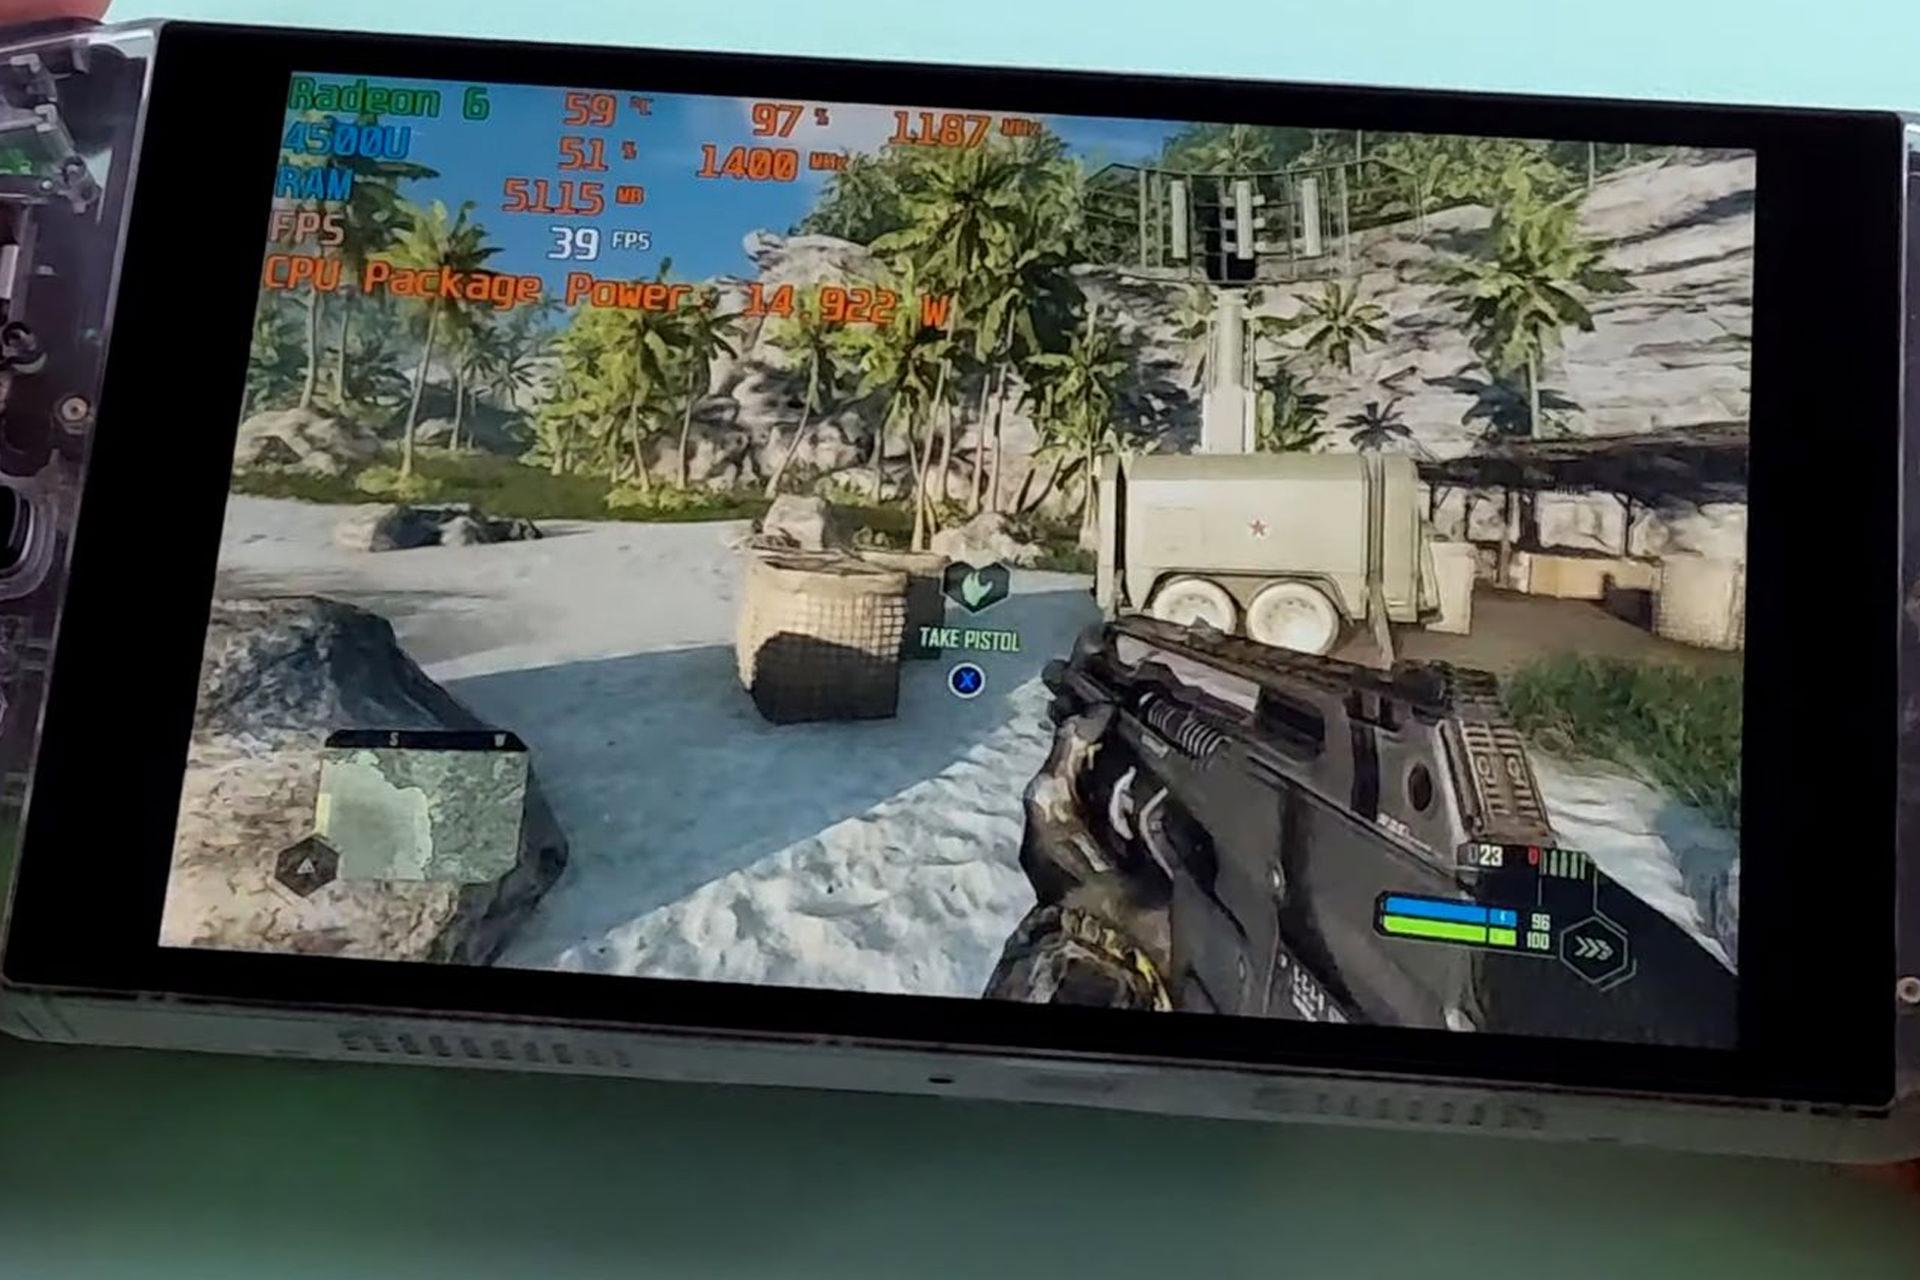 وحدة تحكم AYA Neo Founder المحمولة باليد عند لعب اللعبة